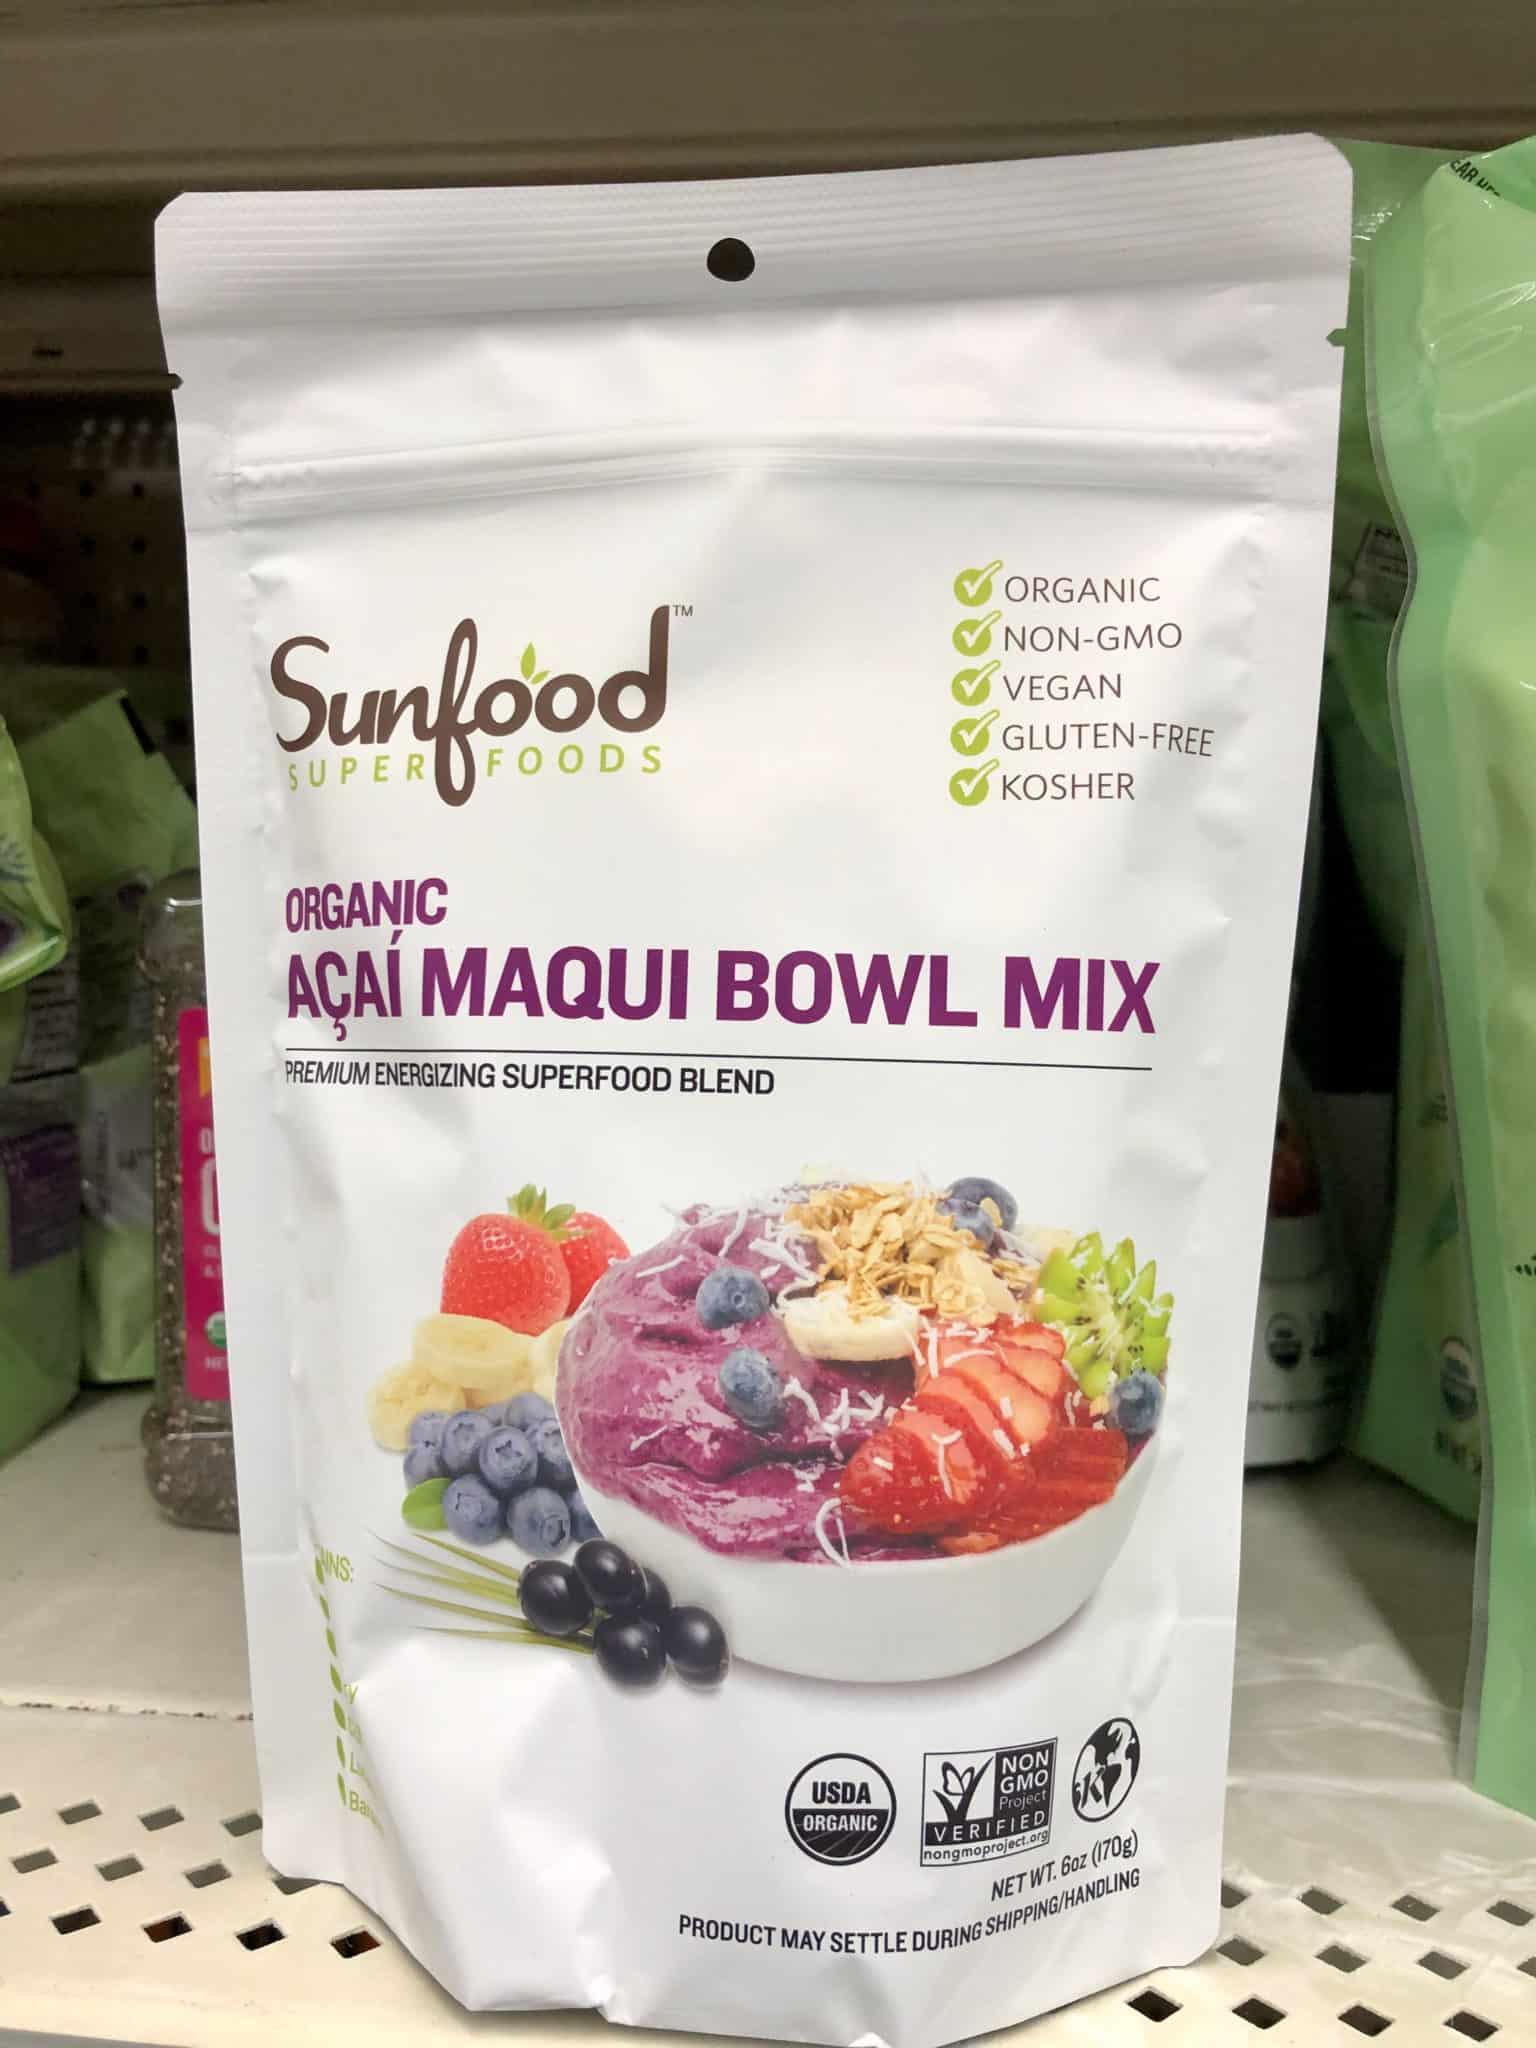 sunfood acai bowl mix sold at walmart